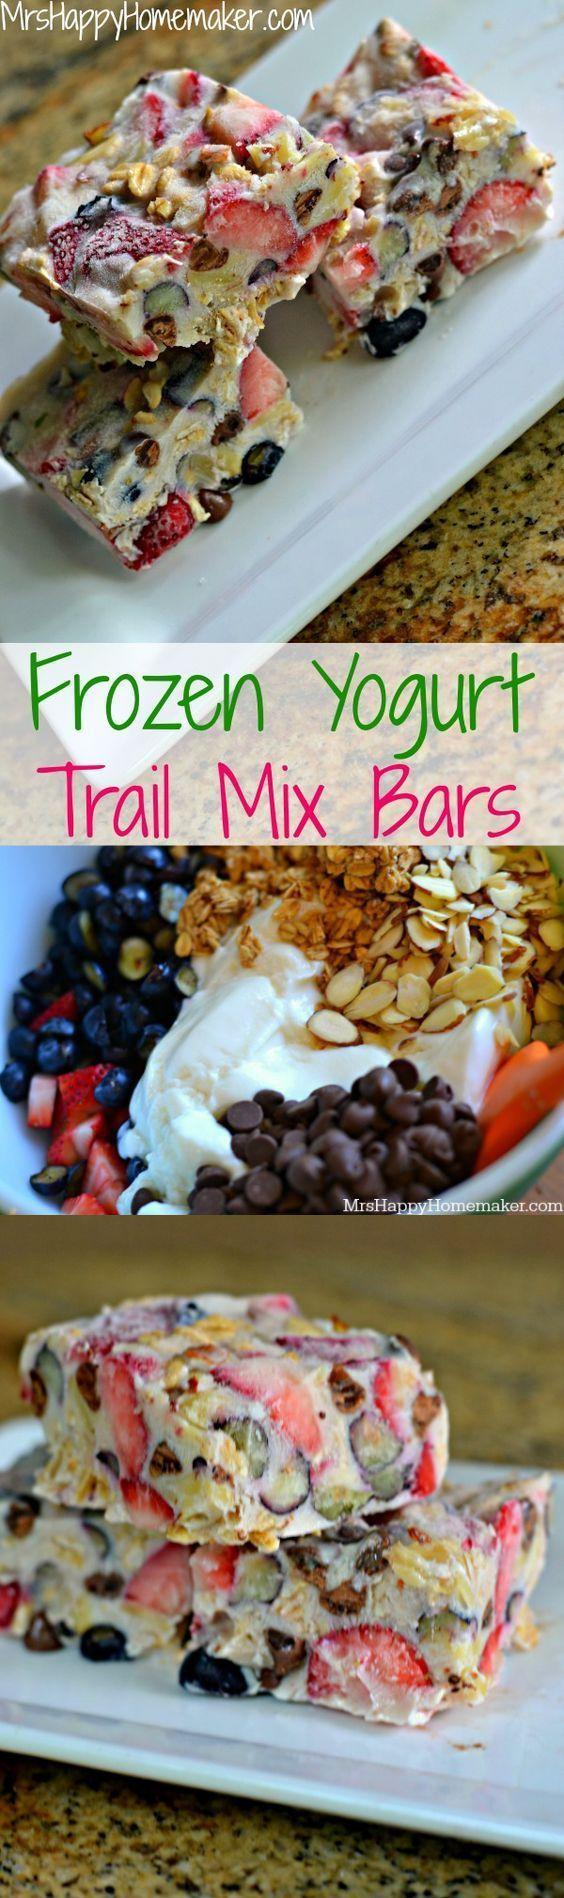 Frozen Yogurt Trail Mix Bars Healthy Recipes - food healthy recipes